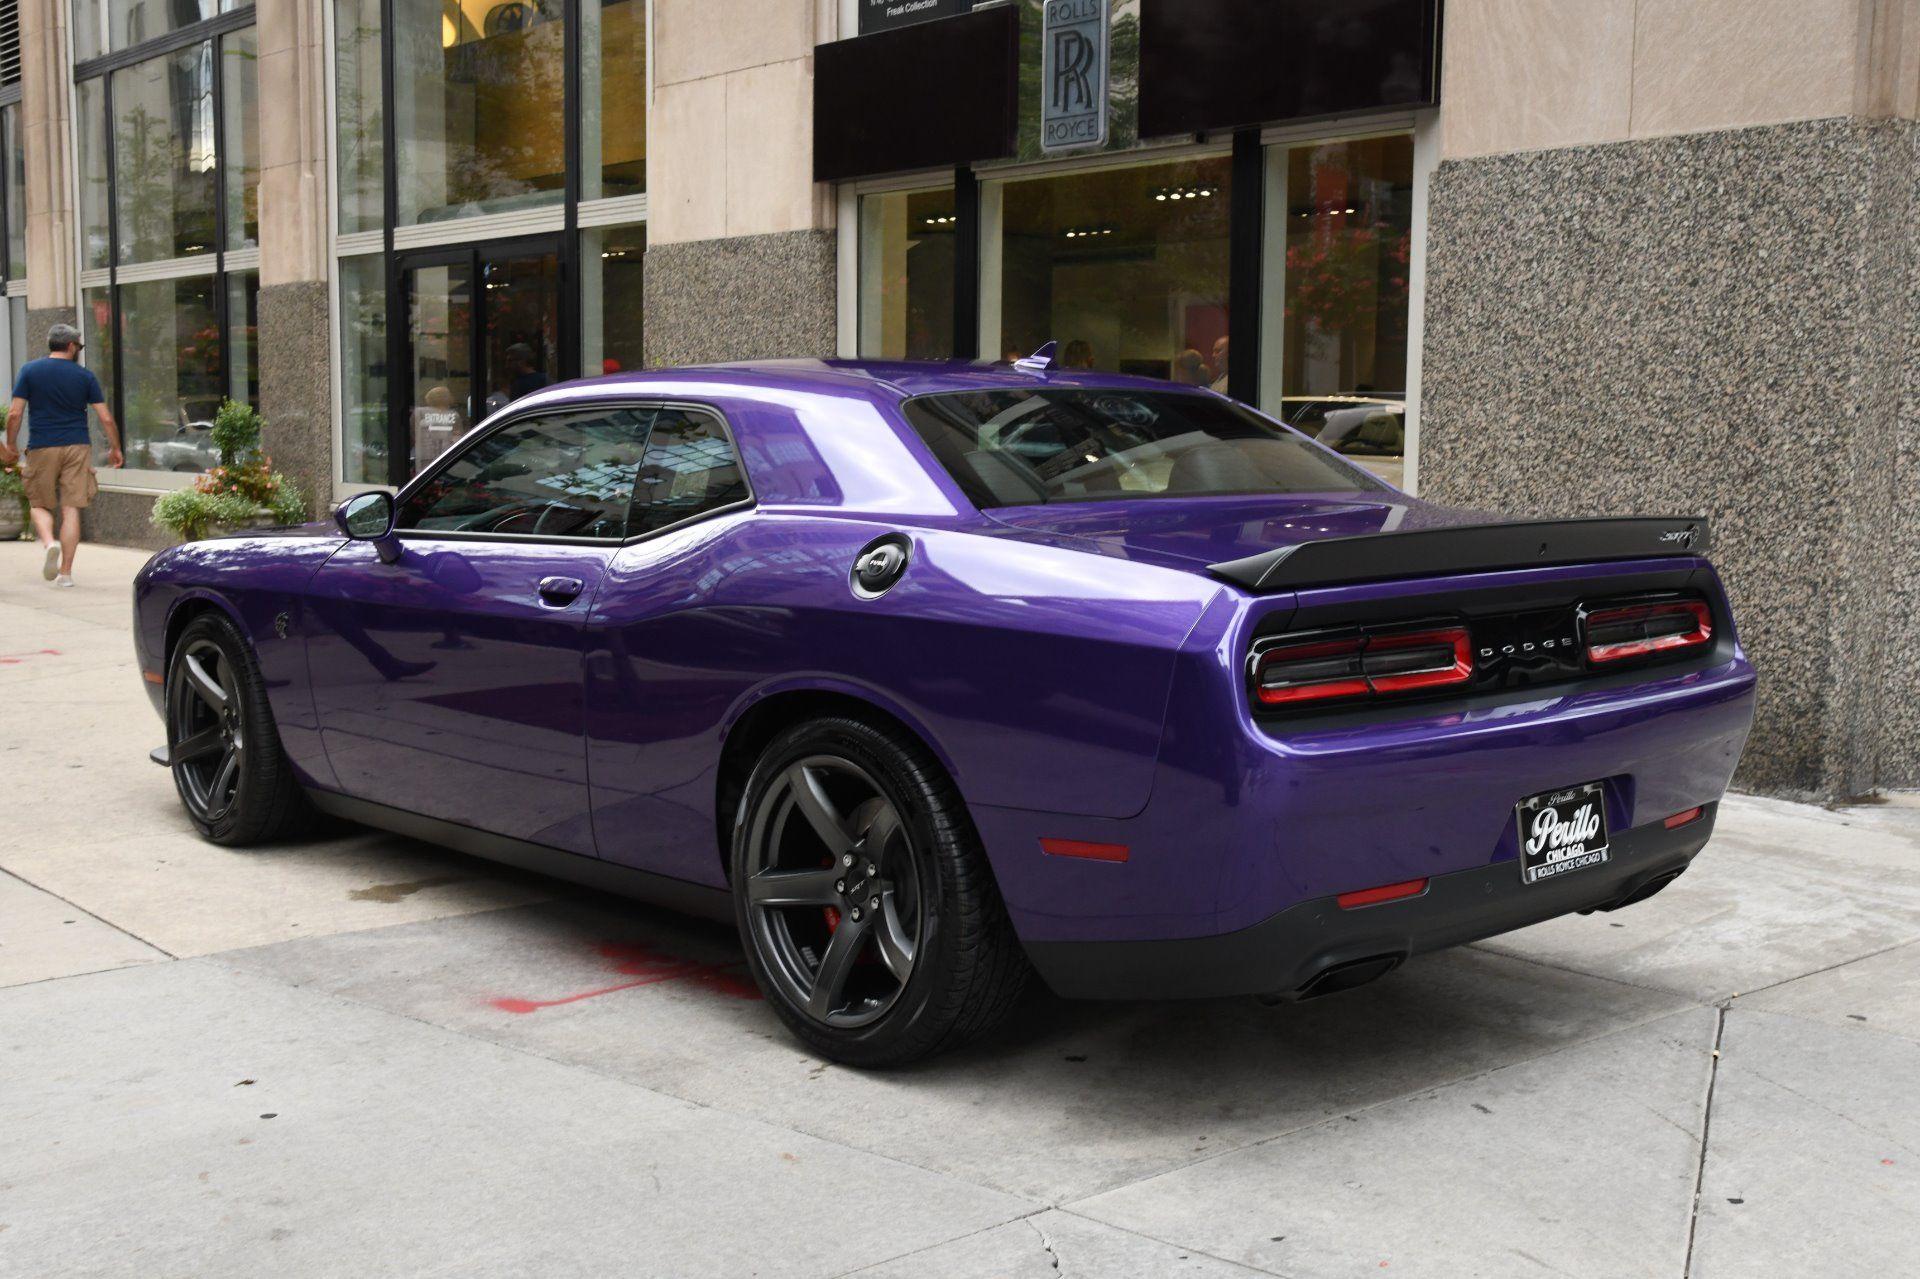 Used 2018 Dodge Challenger Srt Hellcat For Sale 64 880 Dodge